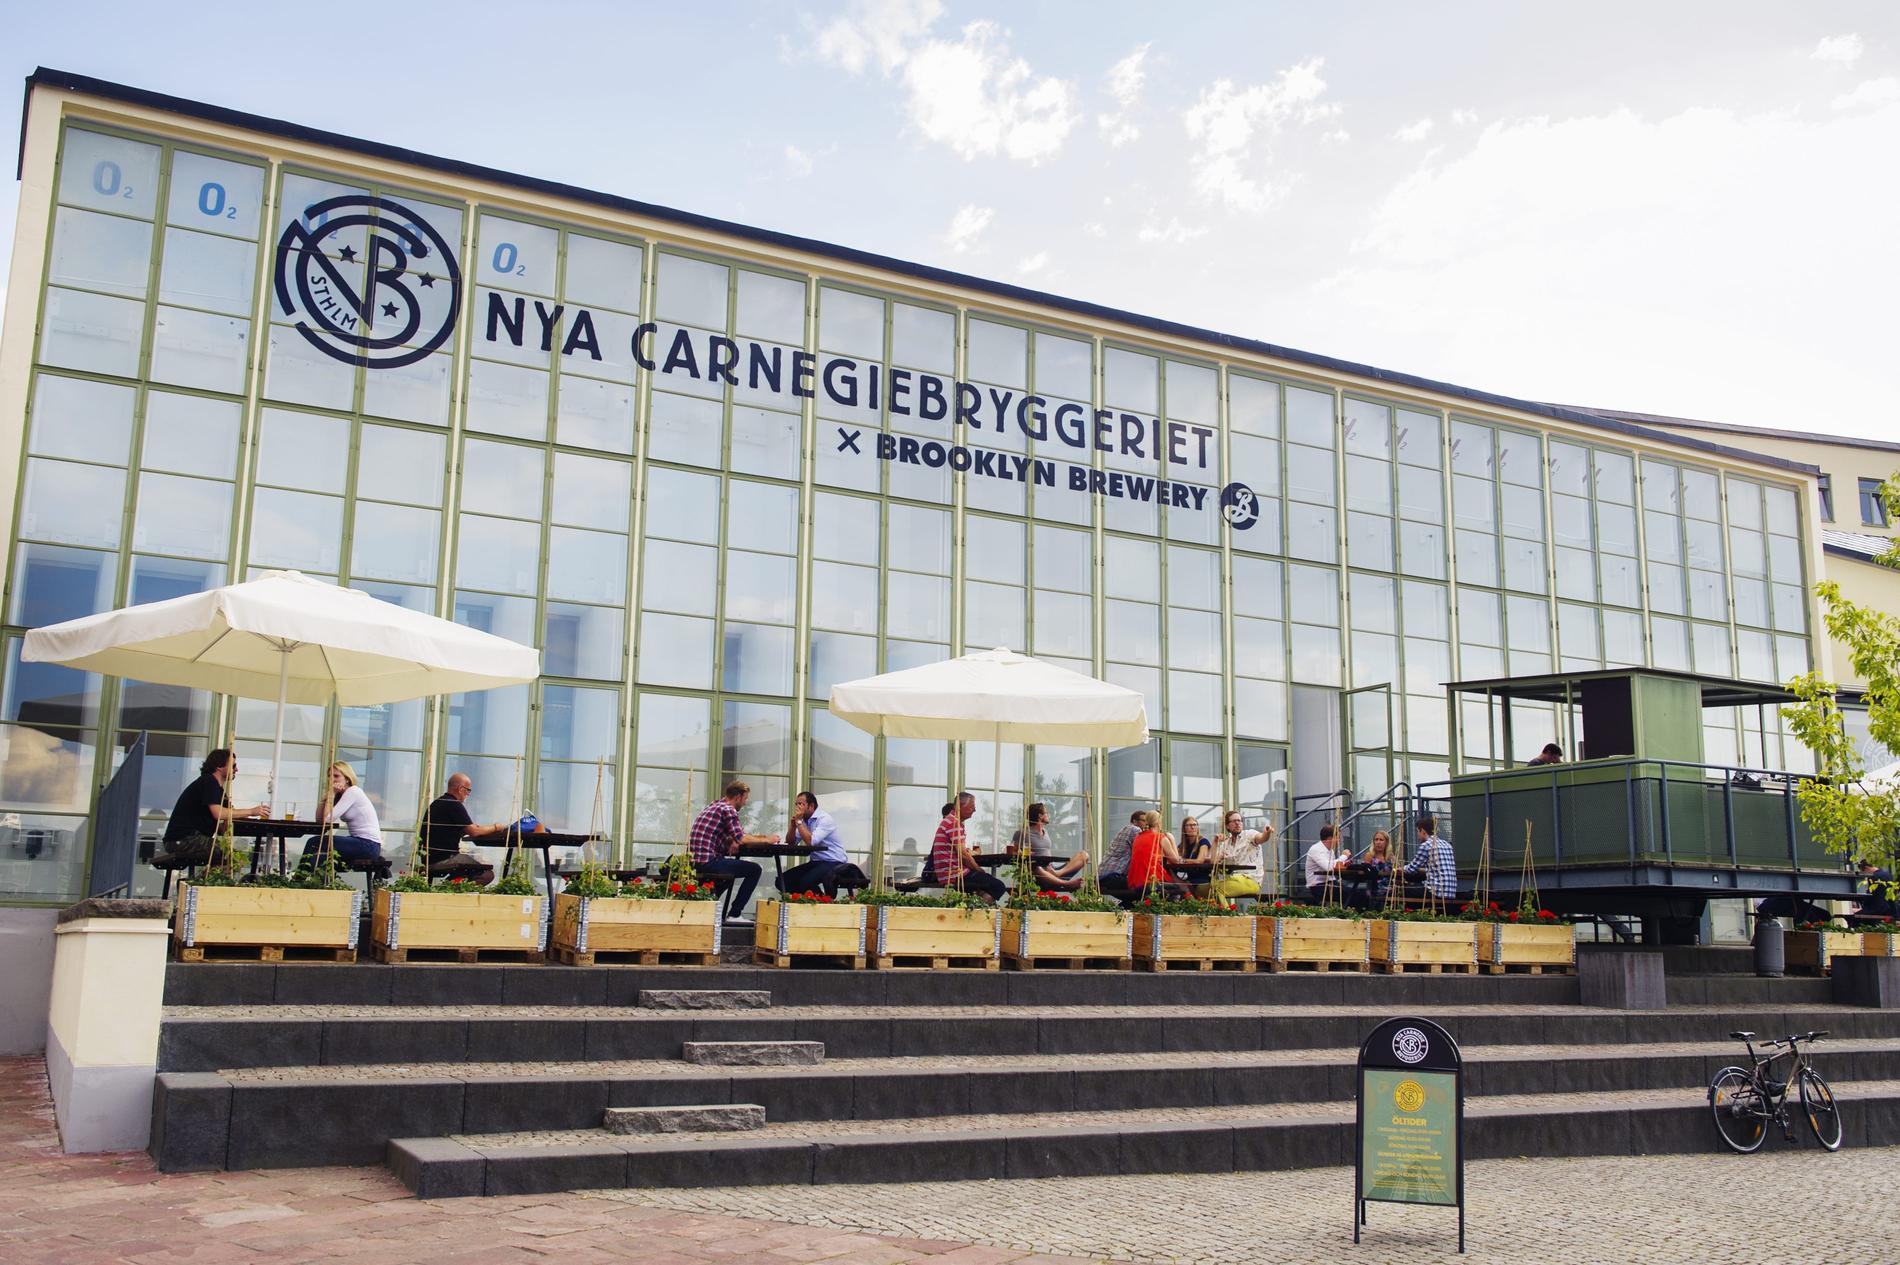 Nya Carnegiebryggeriet är ett bryggeri och restaurang i Stockholm.